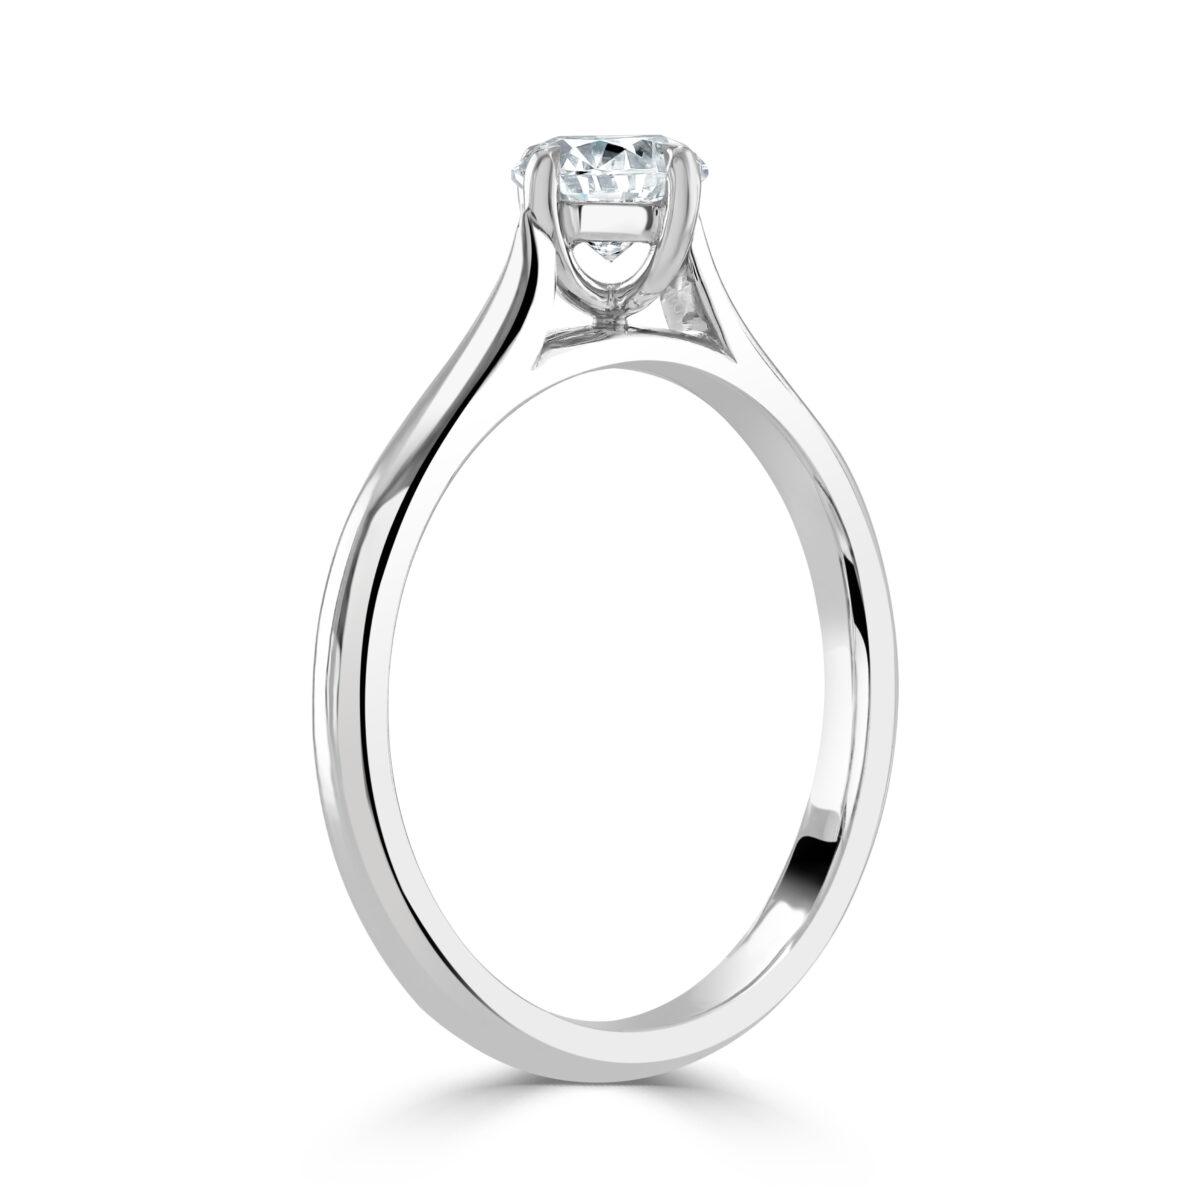 Round Brilliant Cut Diamond Platinum Ring